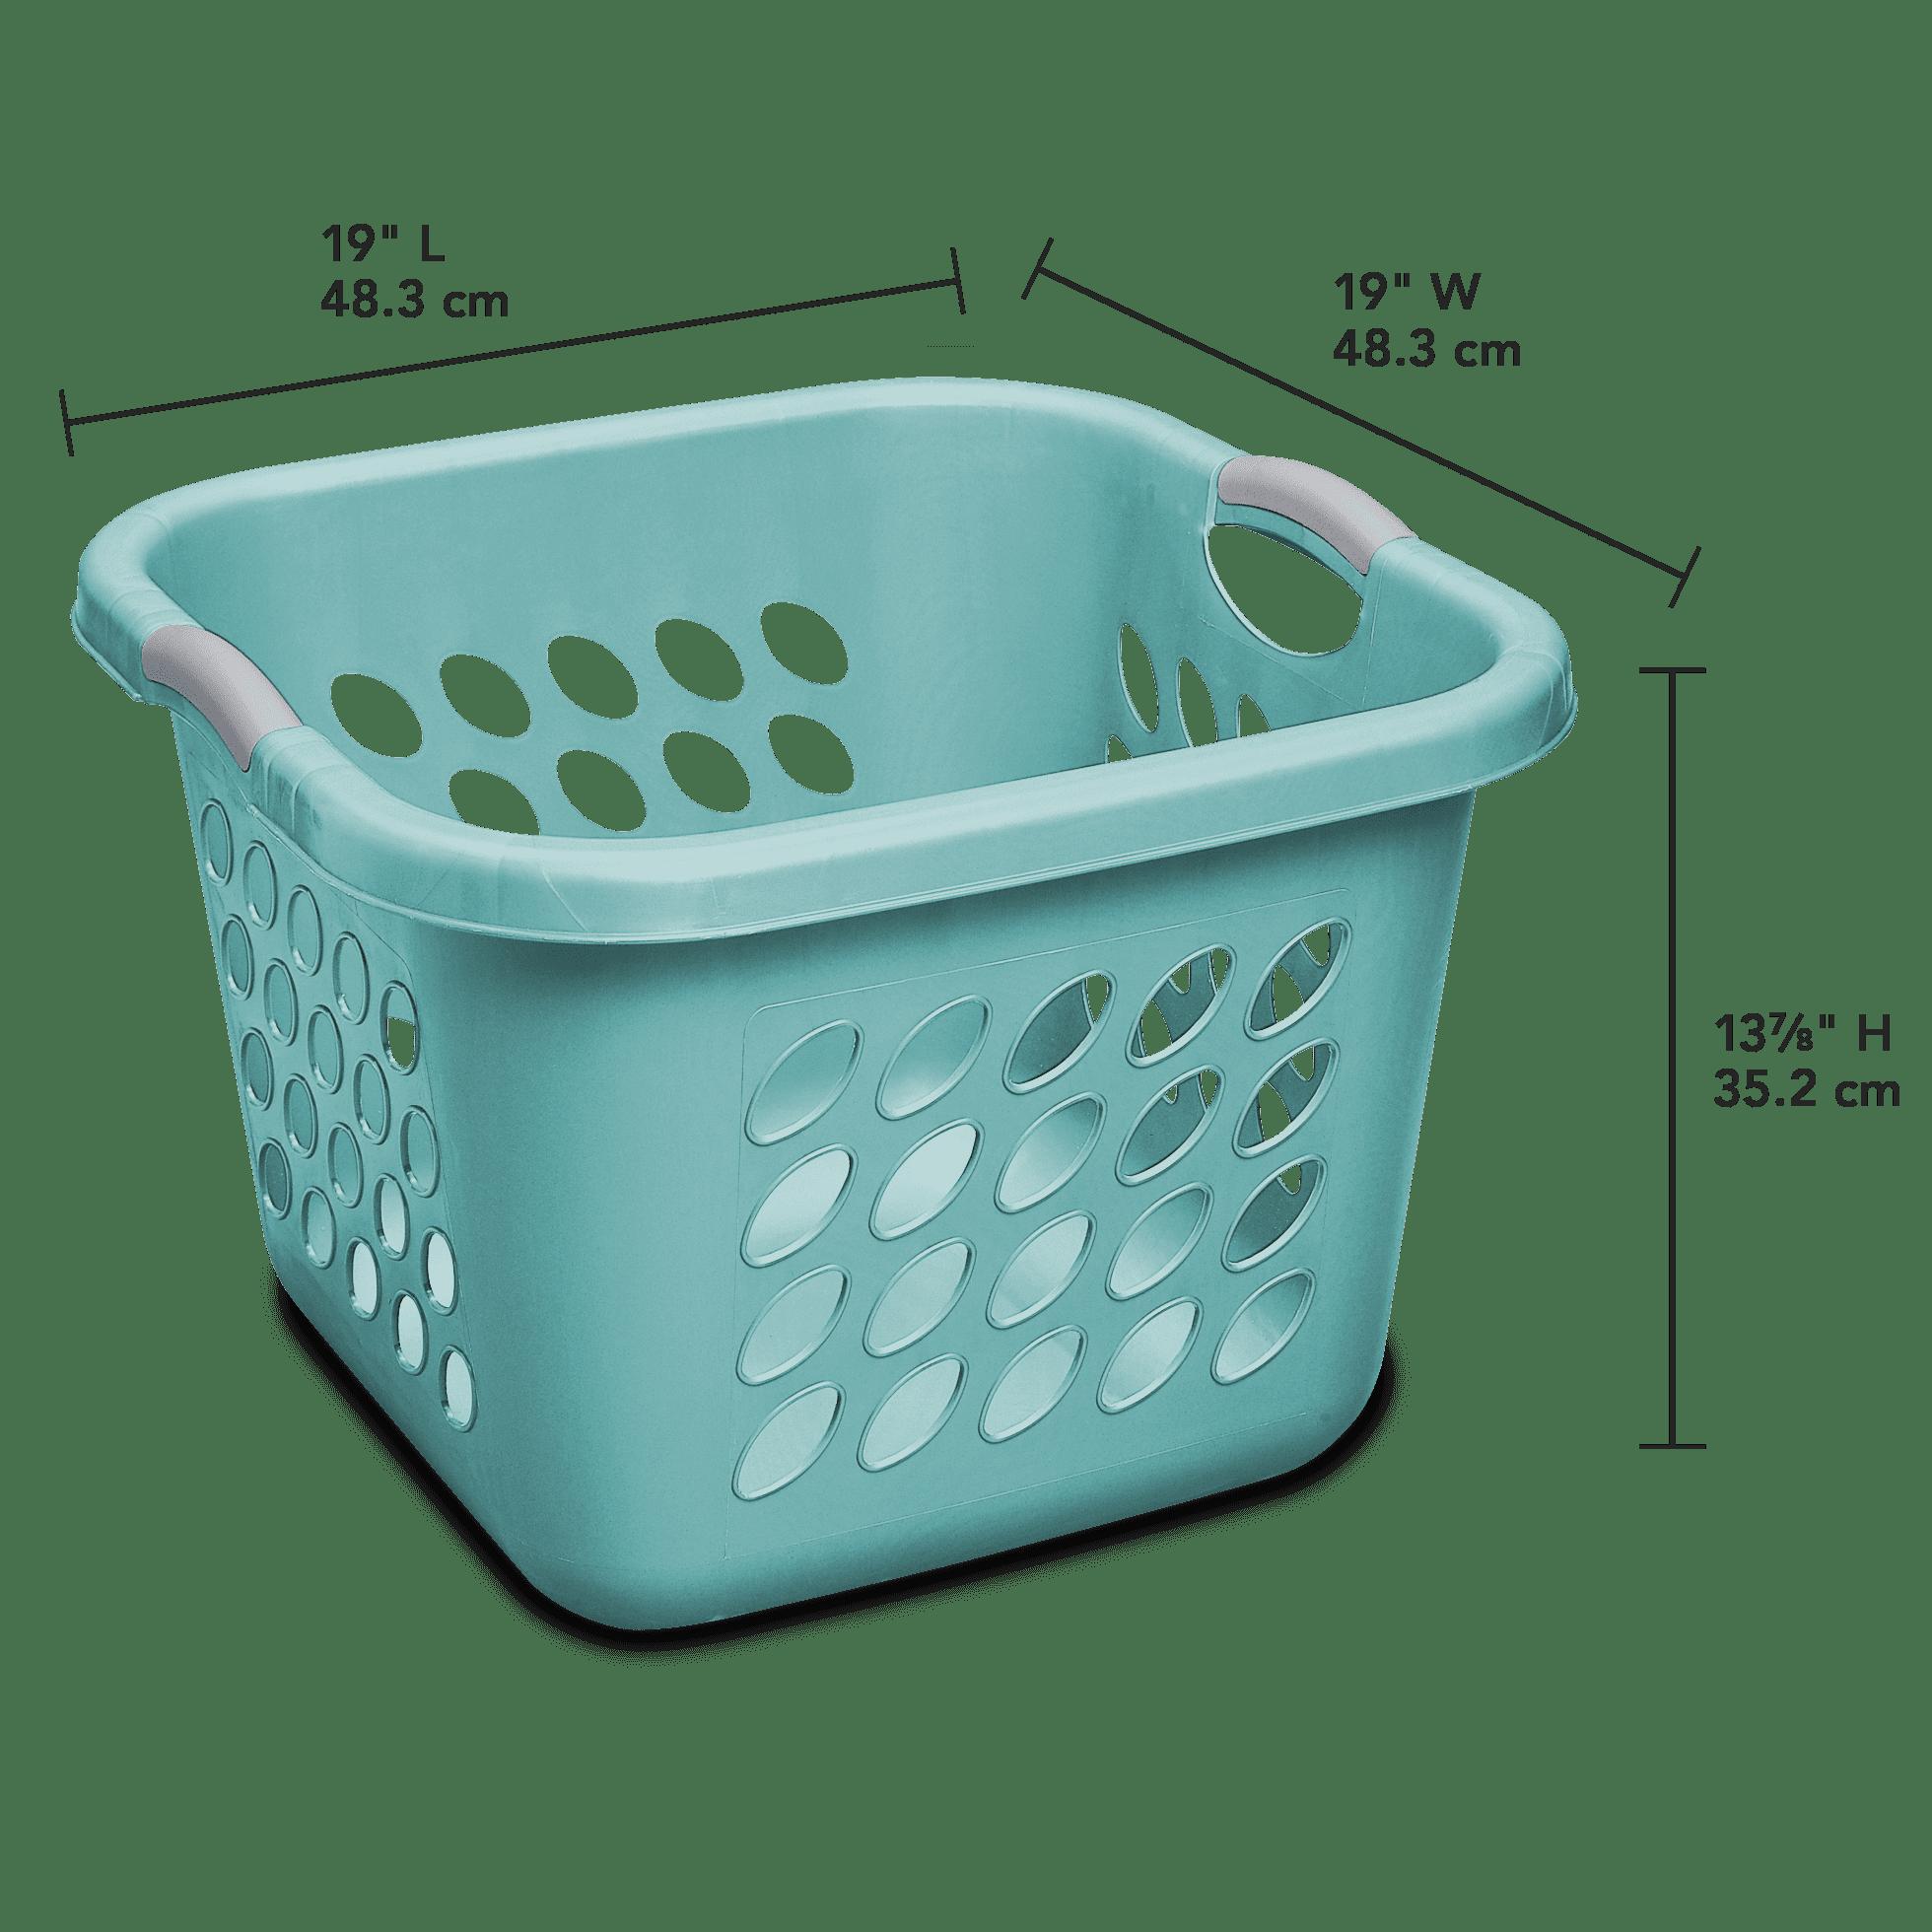 Sterilite 1.5 Bushel/53 L Ultra™ Square Laundry Basket, Teal Splash ...